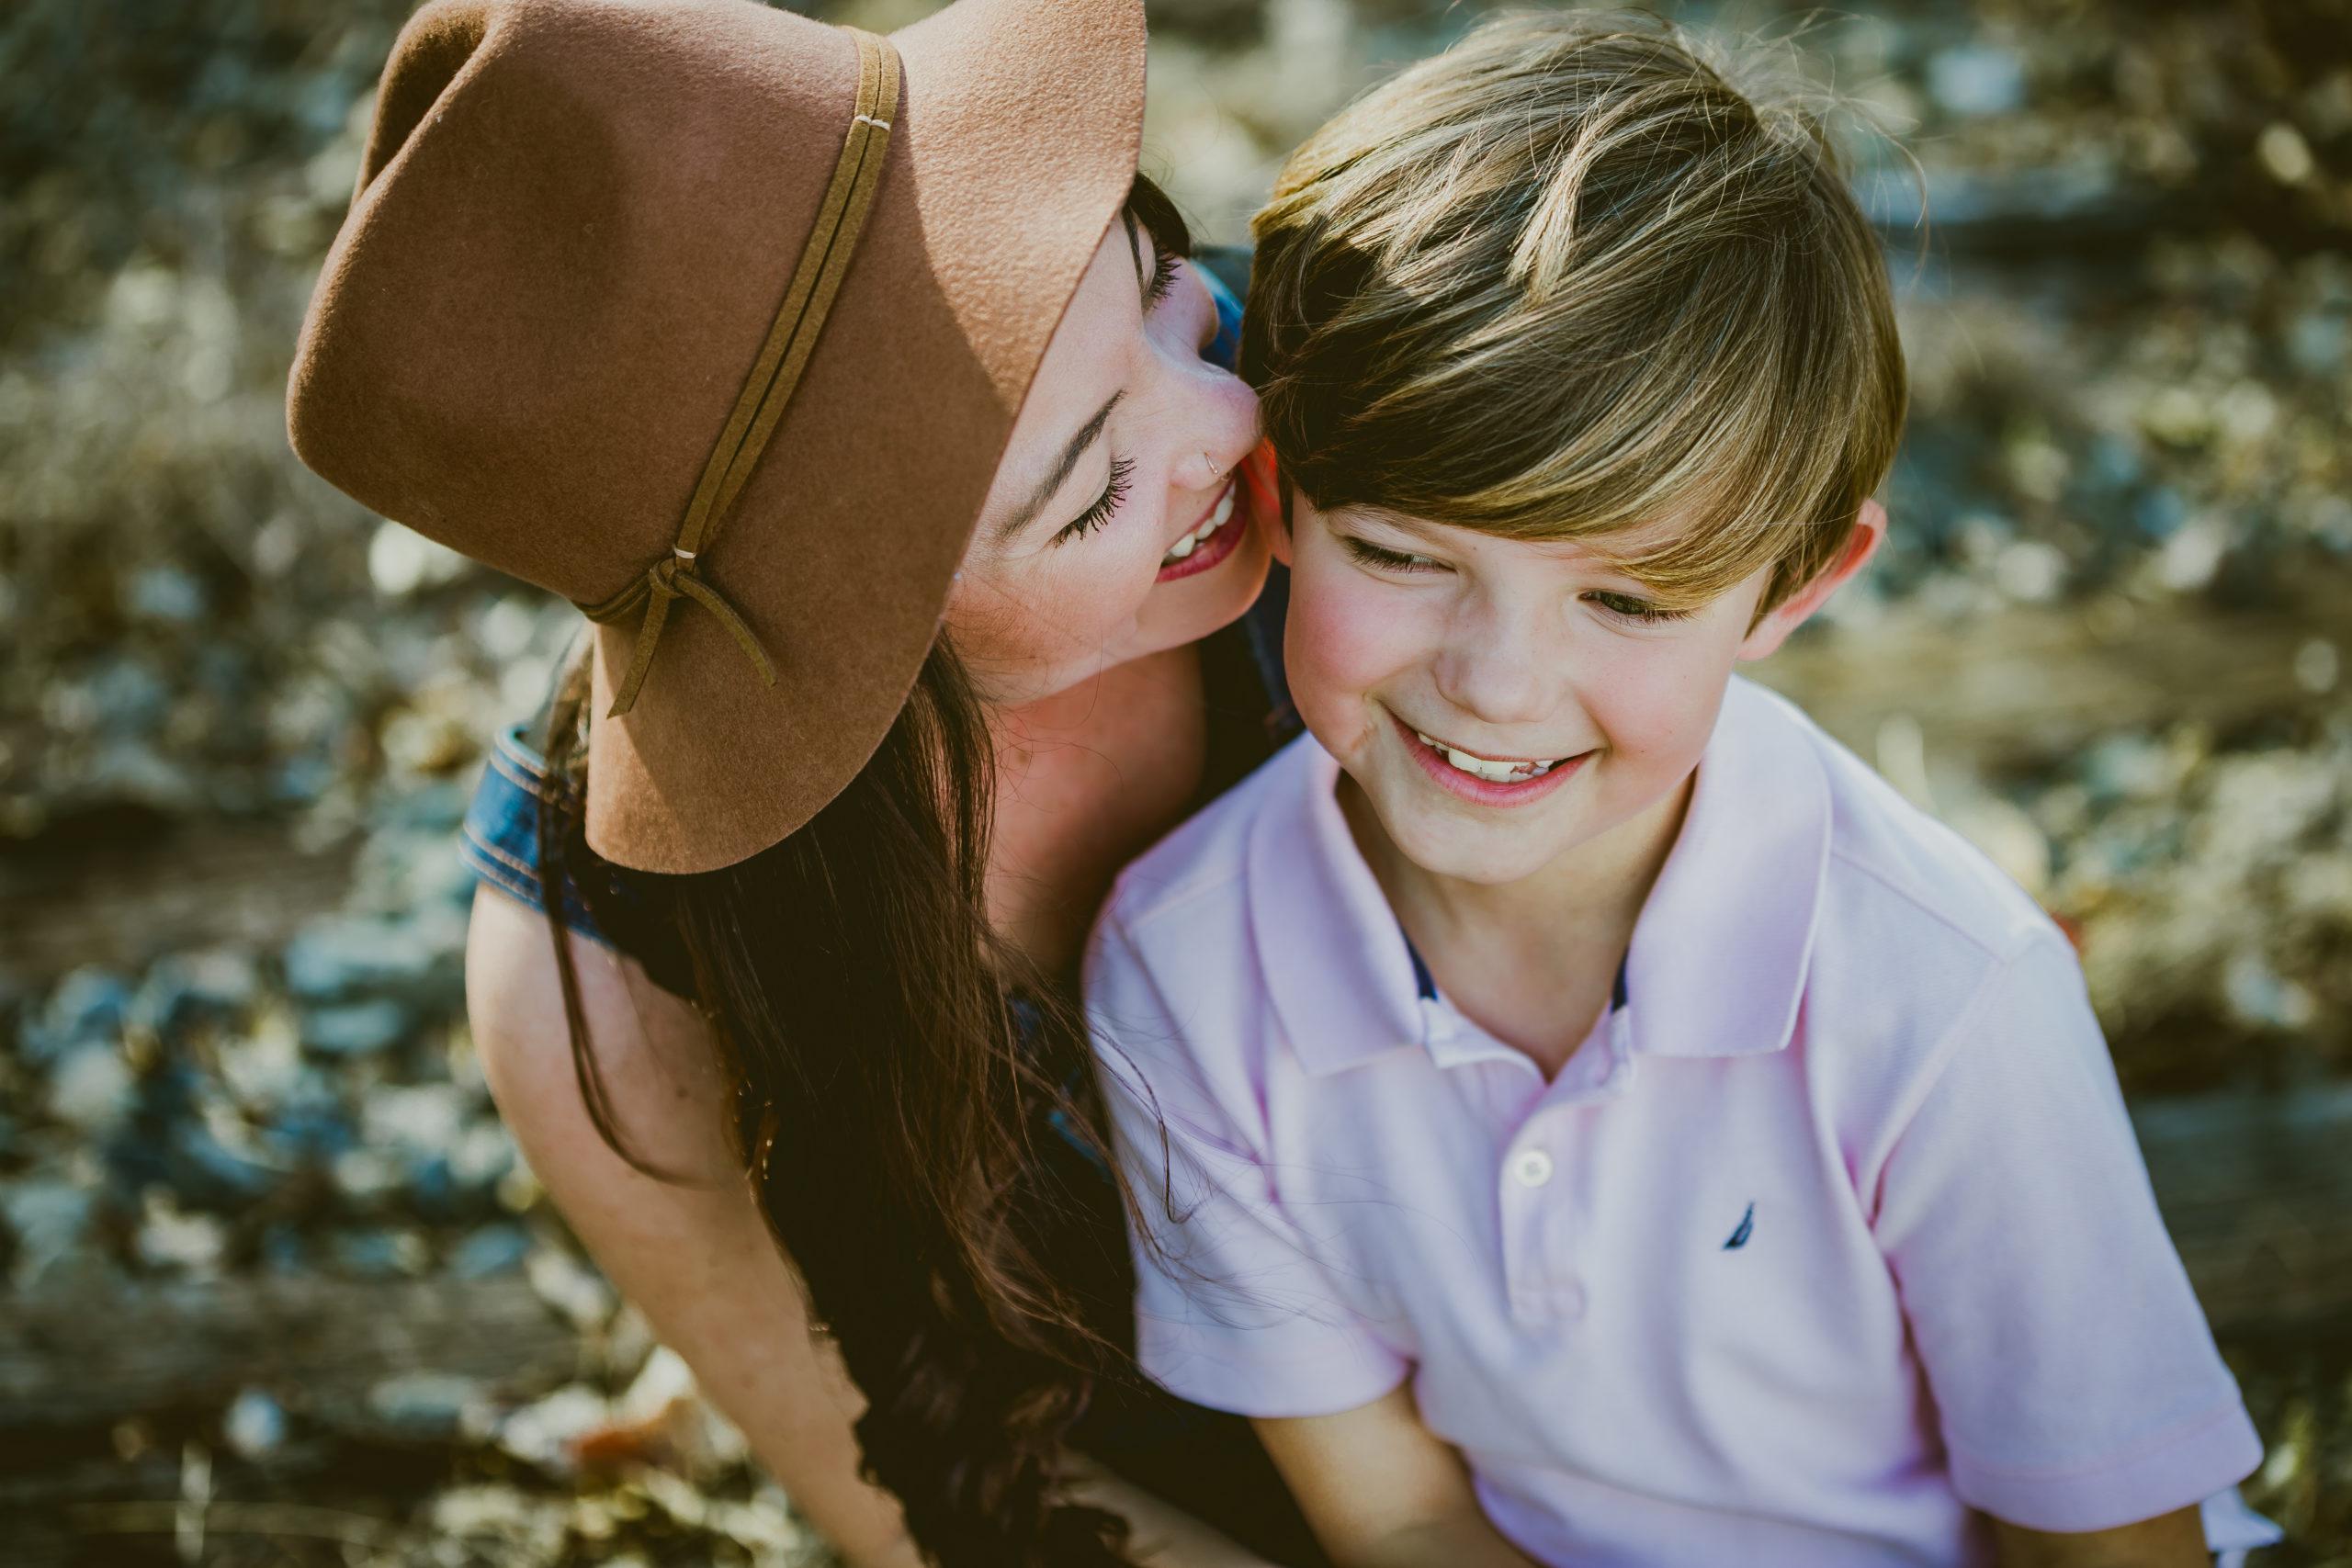 8 myyttiä lapsen kehumisesta, joihin ei kannata enää uskoa